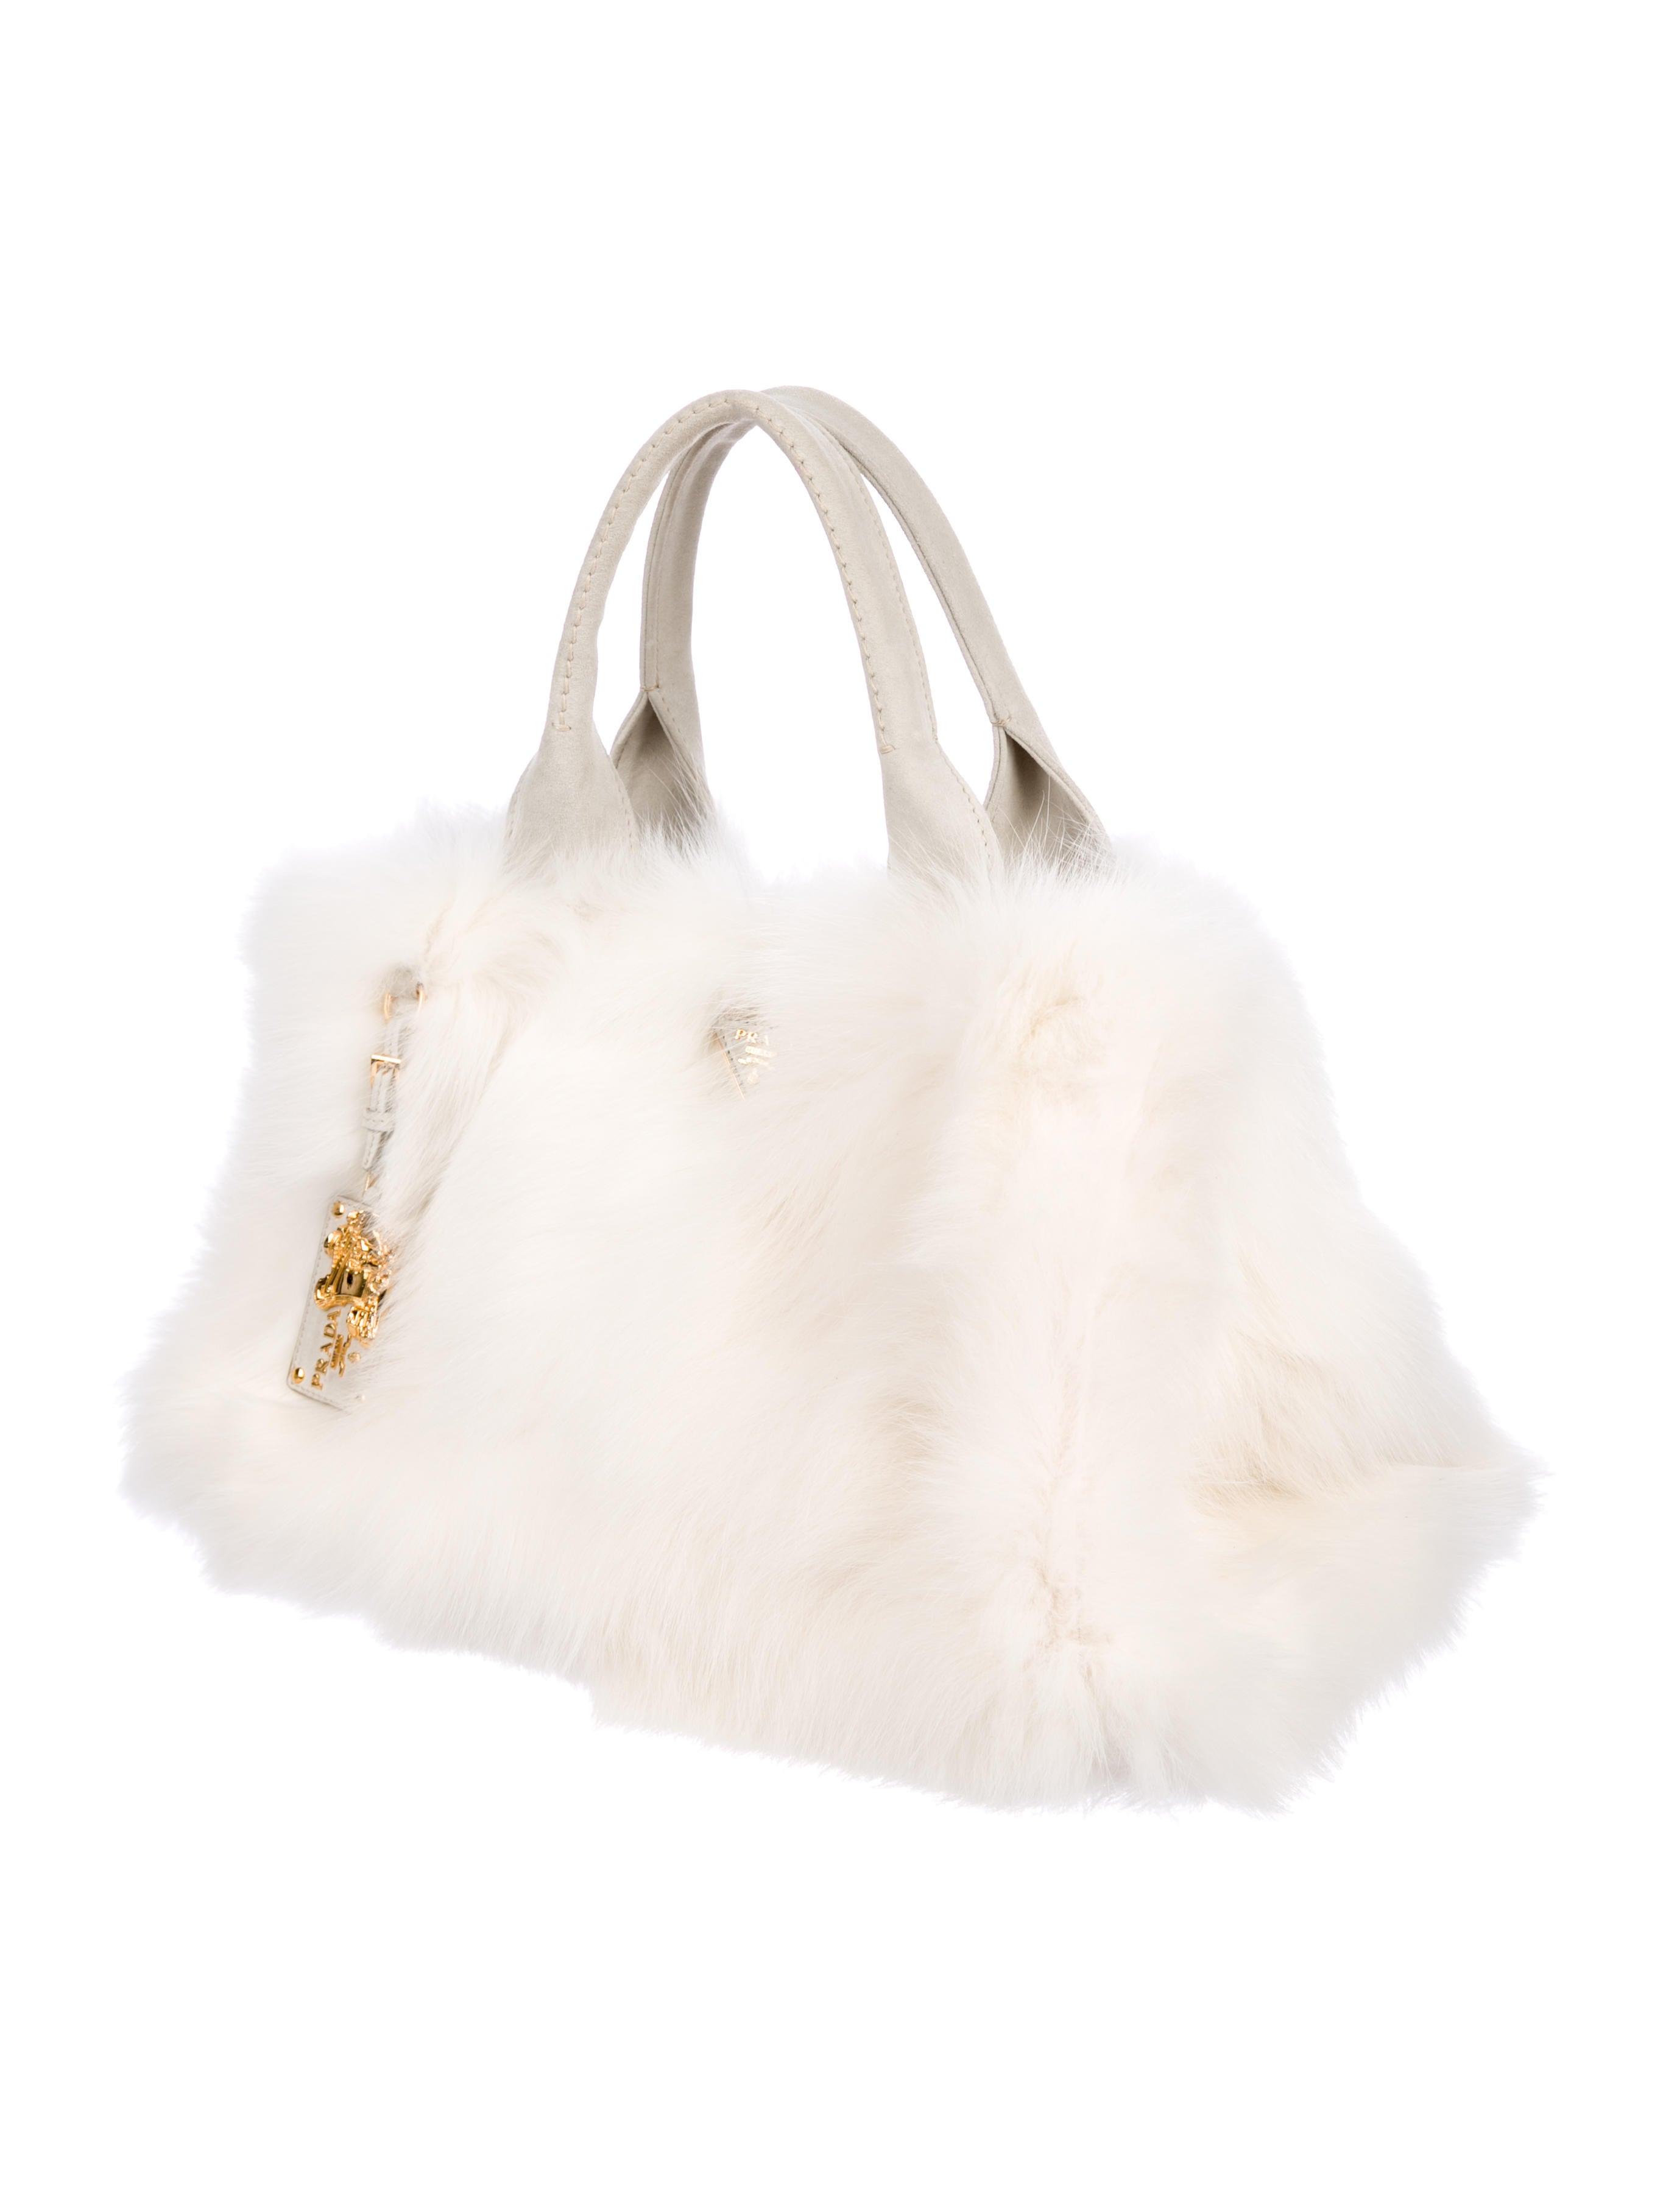 c29b3729d3cc Prada Eco Kidassia Bag - Handbags - PRA225444